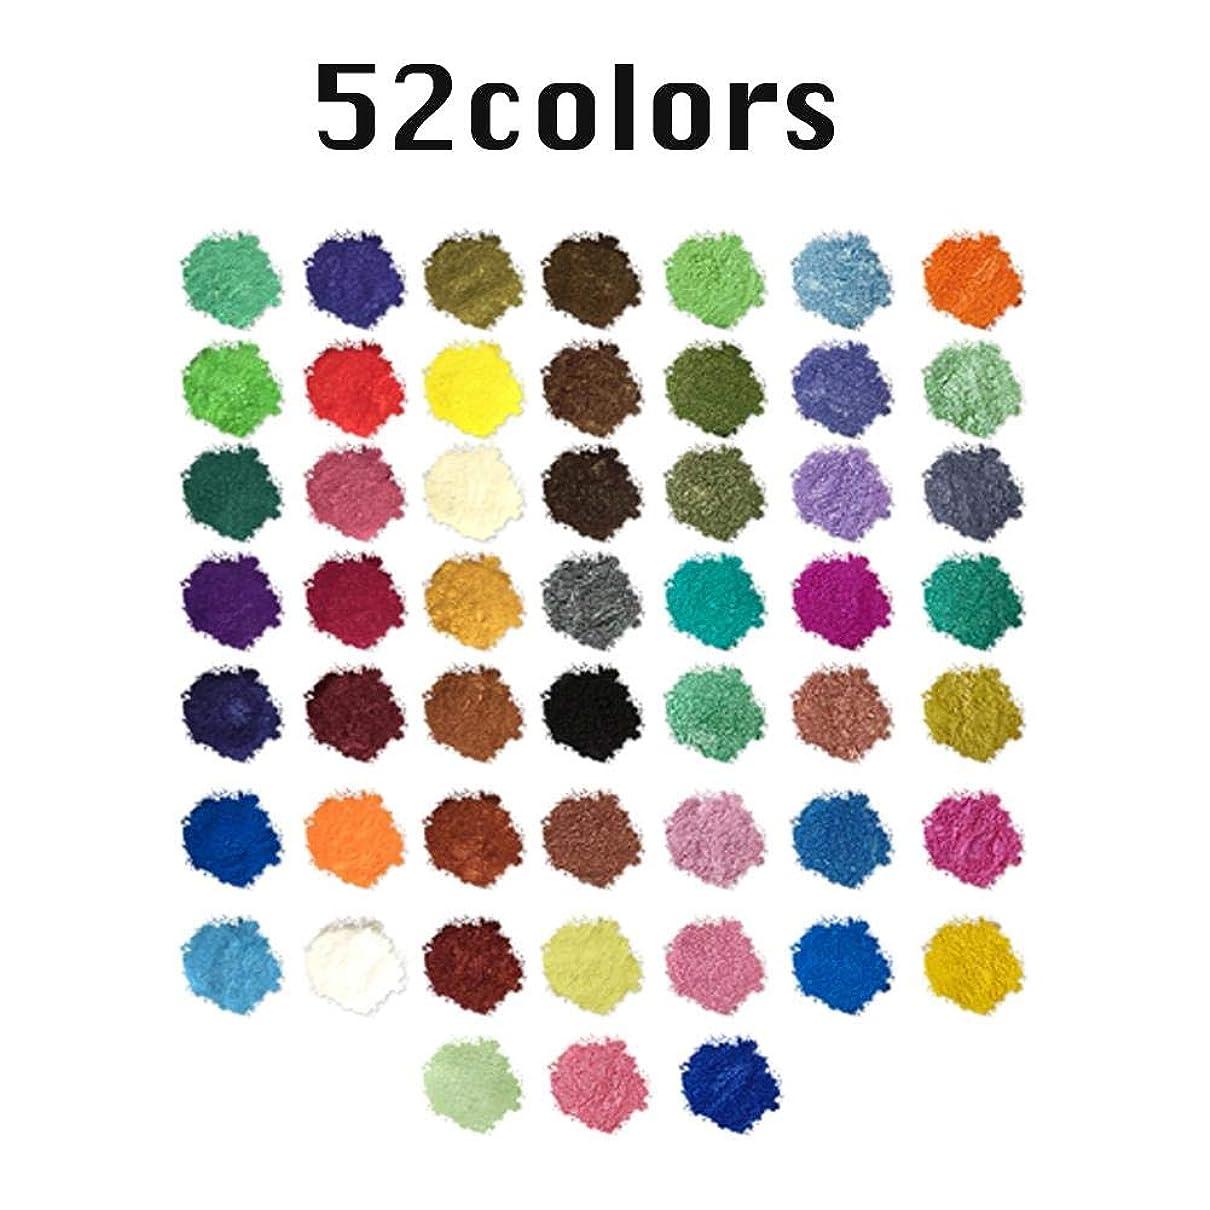 送った適応マティスPROKTH 颜料 雲母粉 石鹸着色剤 24色 30色 52 絵具 顔彩 絵てがみ 絵具おもちゃ 知育玩具 顔彩耽美